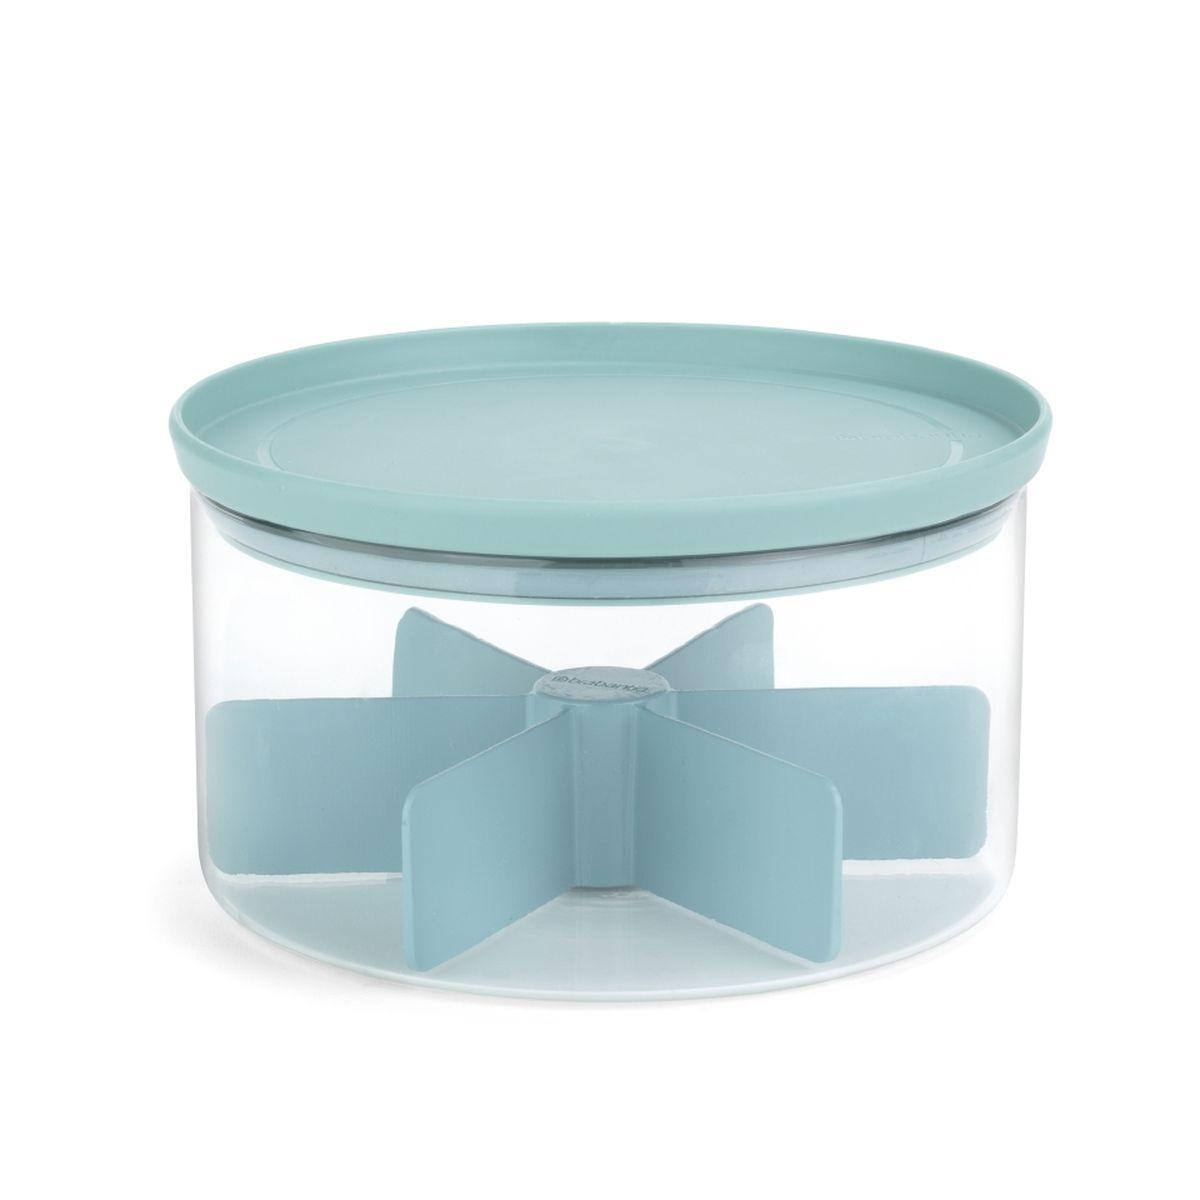 Банка для чайных пакетиков Brabantia, 2,5 л. 110665110665Надолго сохраняет аромат и свежесть чая – герметичная крышка.Вмещает несколько видов чая – 6 отделений на 10 чайных пакетиков каждое.Экономия места на кухне – банки составляются одна на другую.Легко моется – можно мыть в посудомоечной машине.Хорошо видно содержимое и его объем – прозрачное стекло.